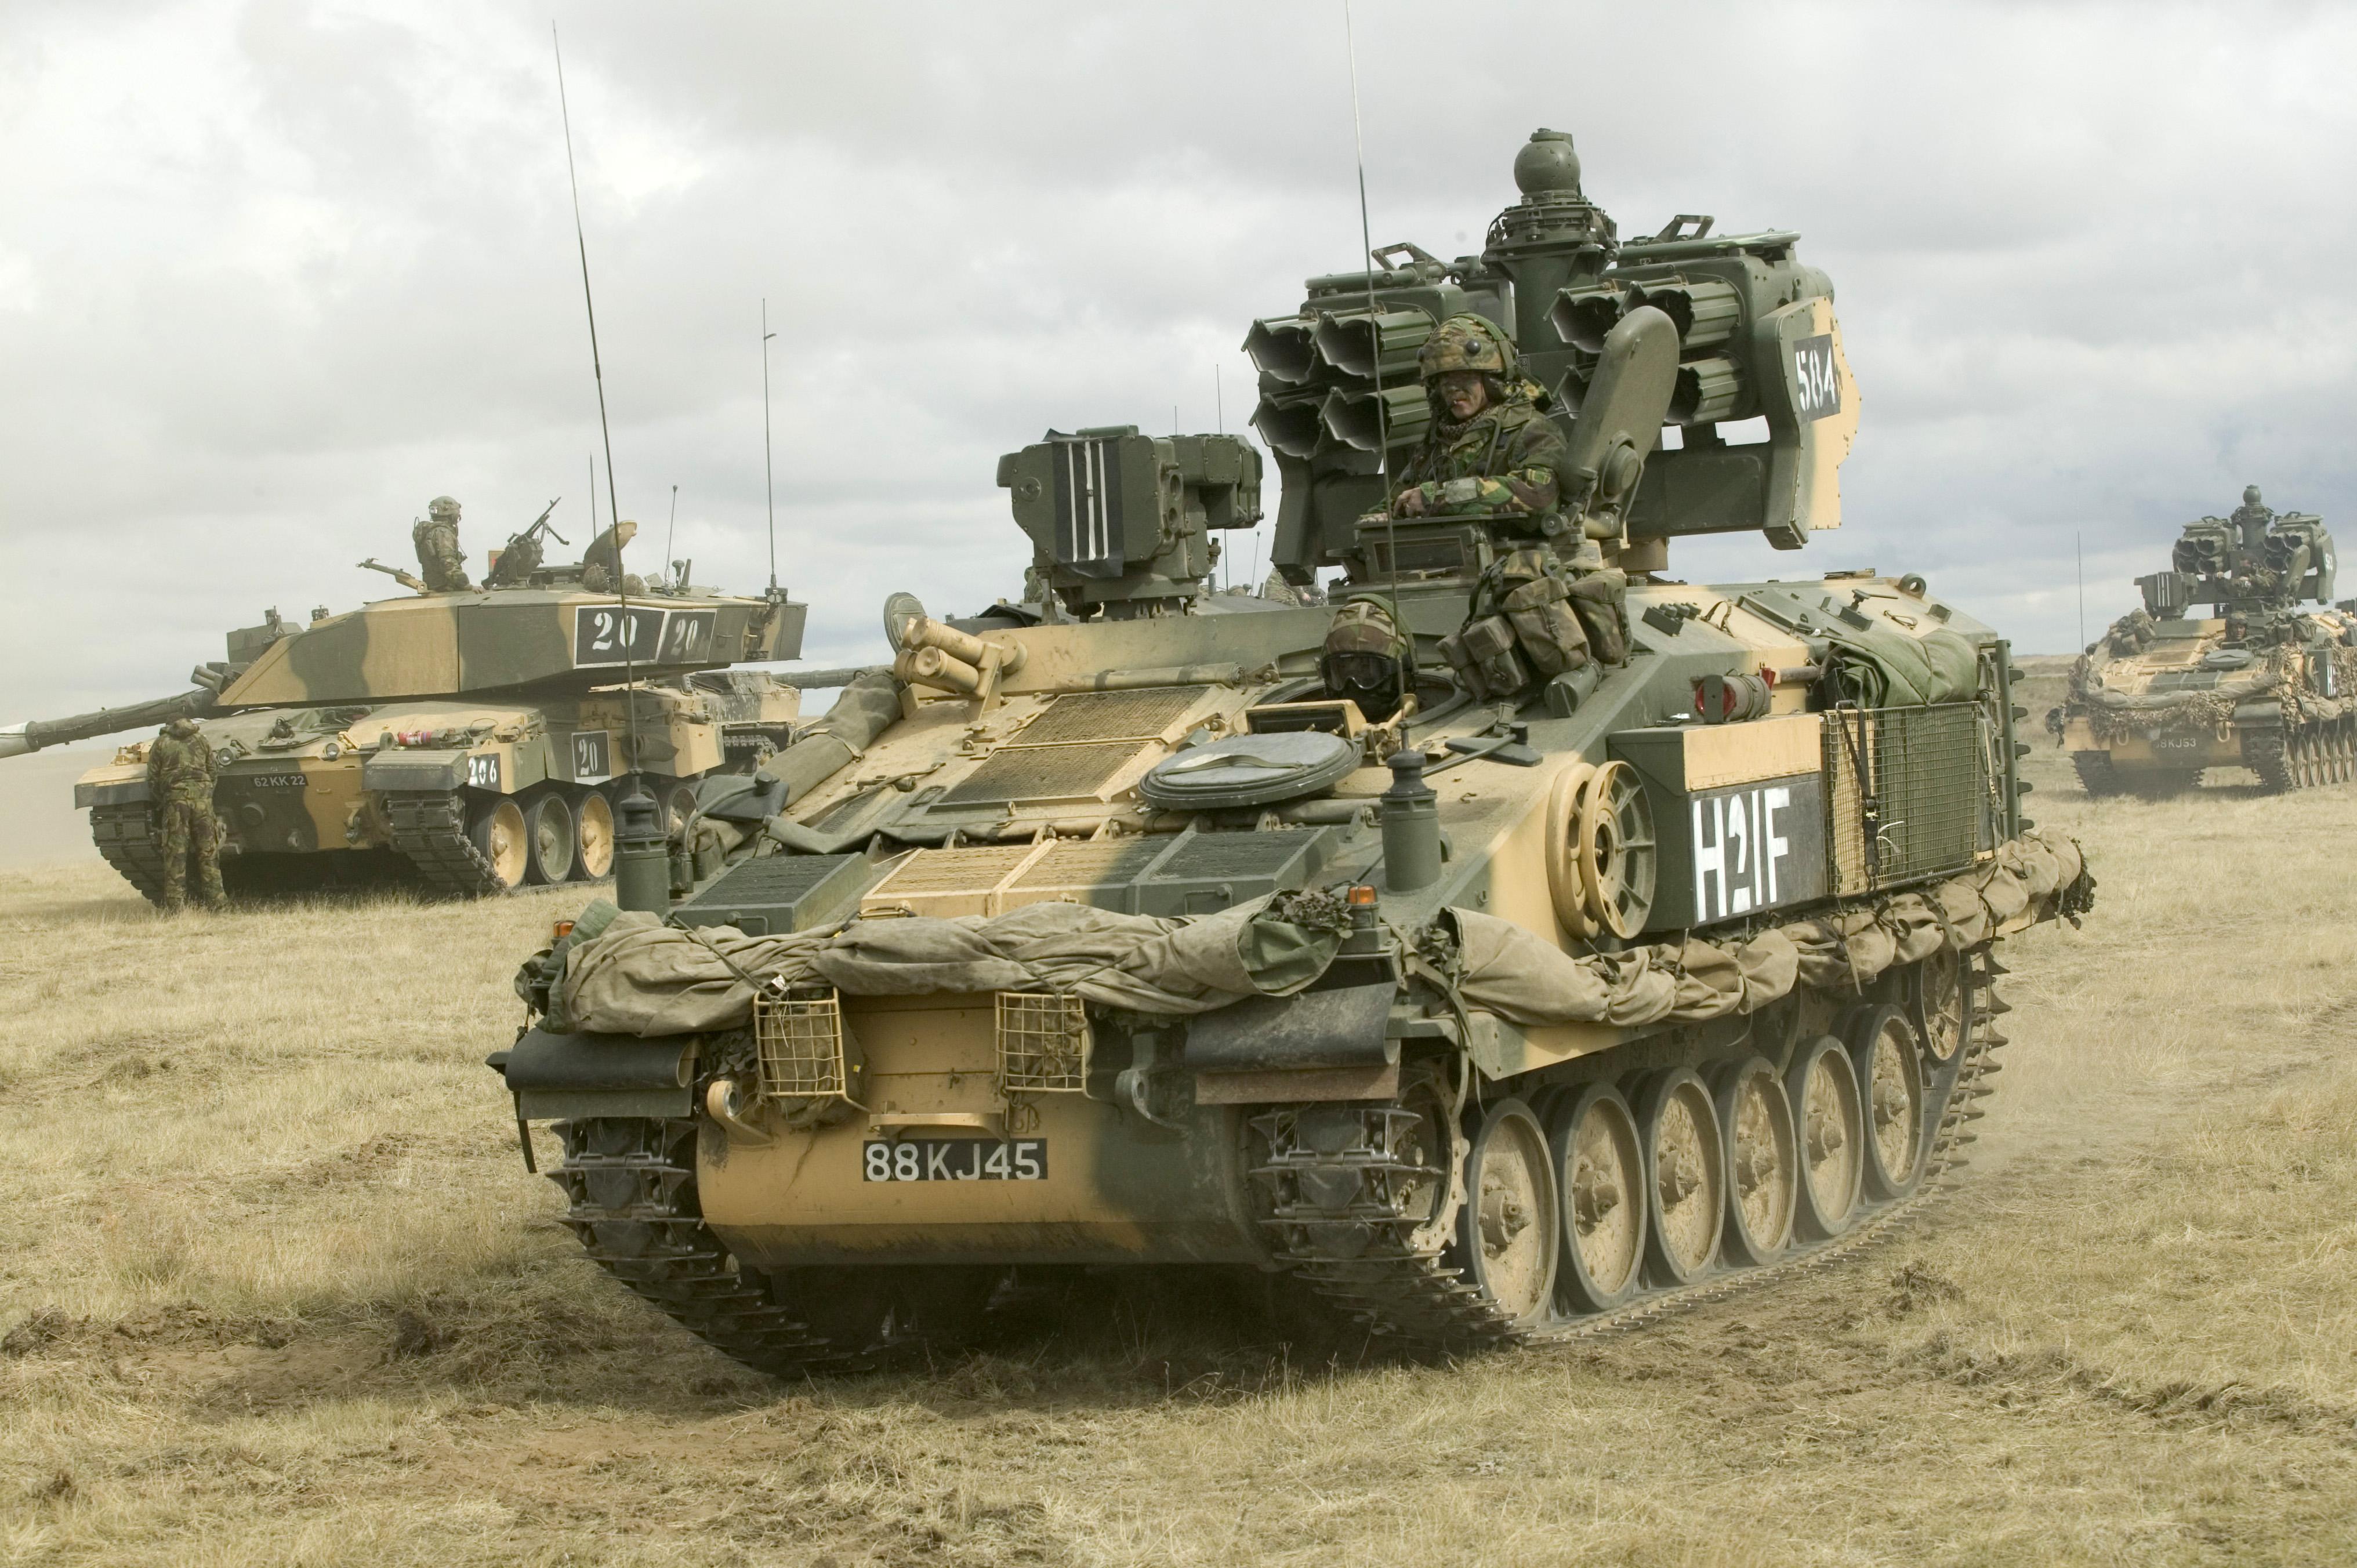 BM-13 Missile Truck